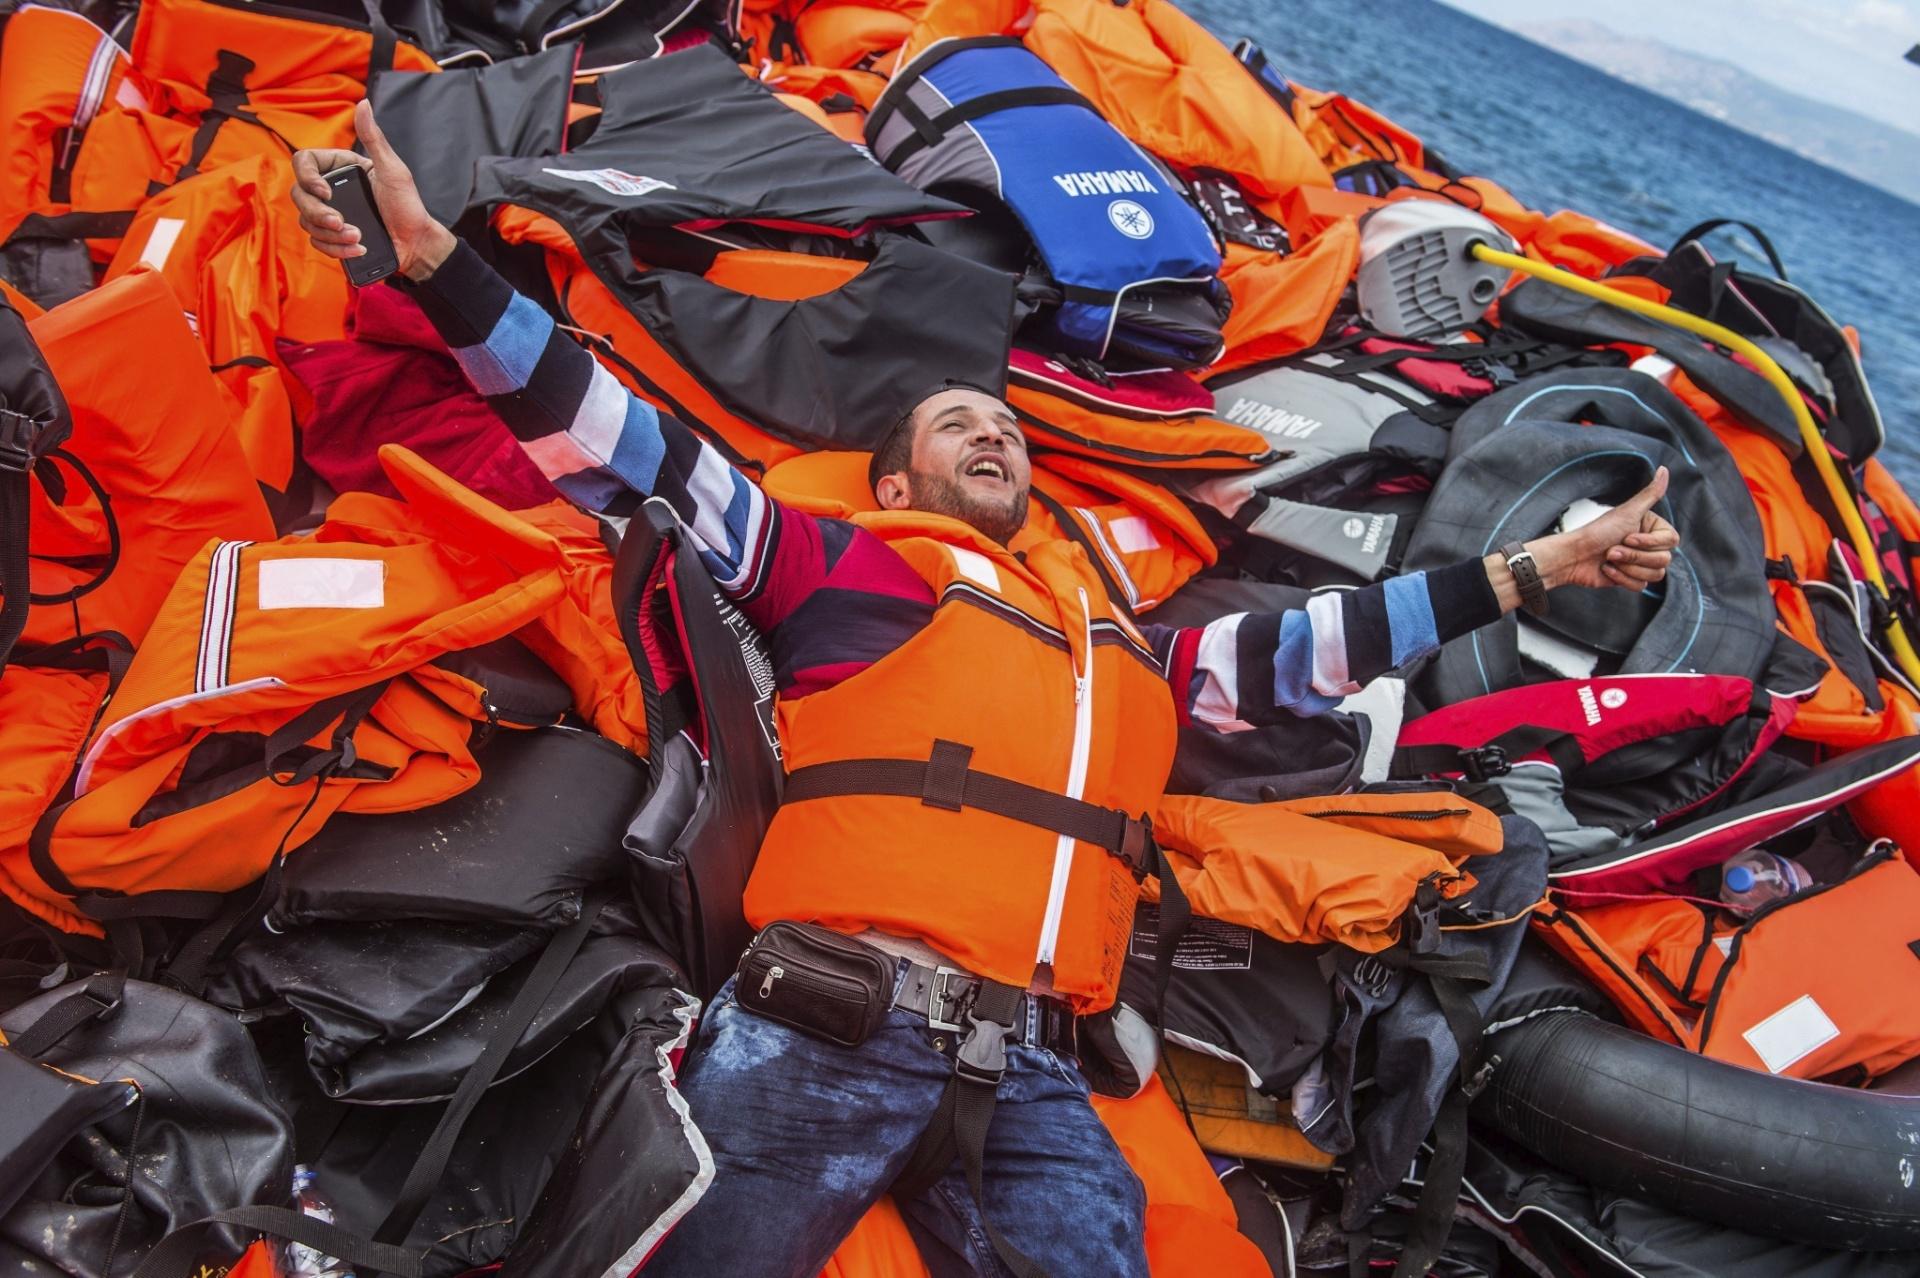 2.out.2015 - Imigrante celebra chegada a salvo em cima de um monte de coletes salva-vidas depois de pegar um bote para alcançar a ilha de Lesbos, na Grécia